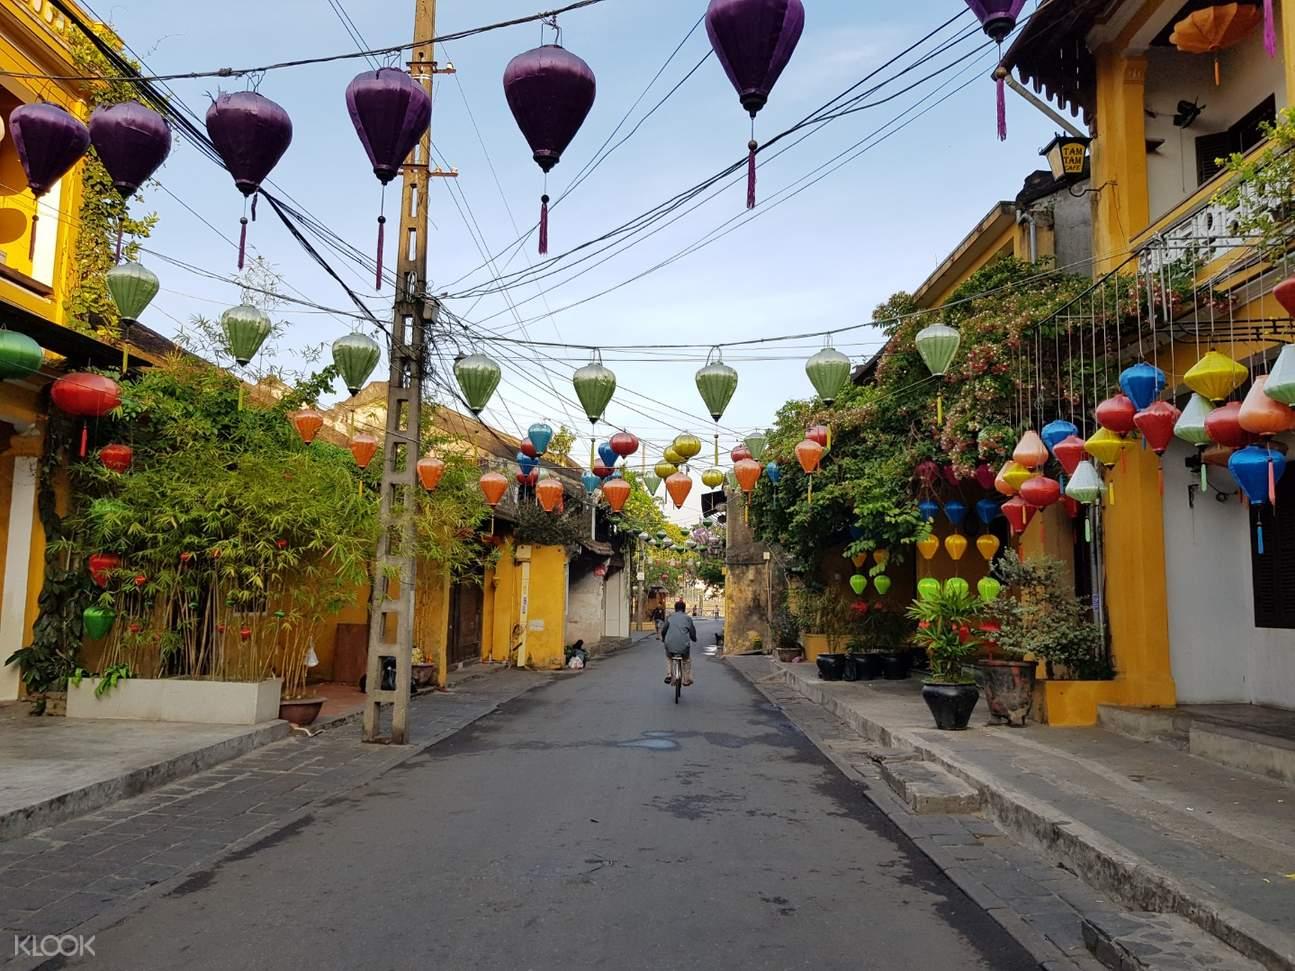 【越南自由行】越南景點,簽證行前必讀!推薦河內,峴港,胡志明